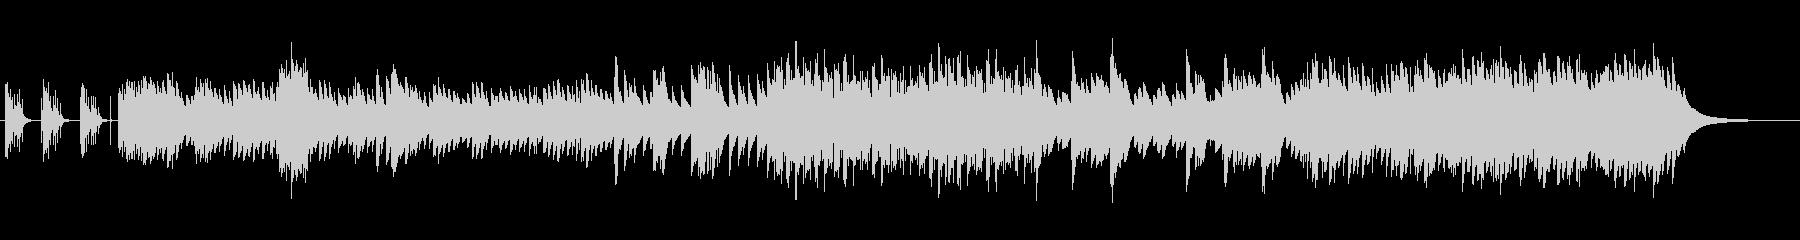 ベルの音が優しい世界観を作るバラードの未再生の波形